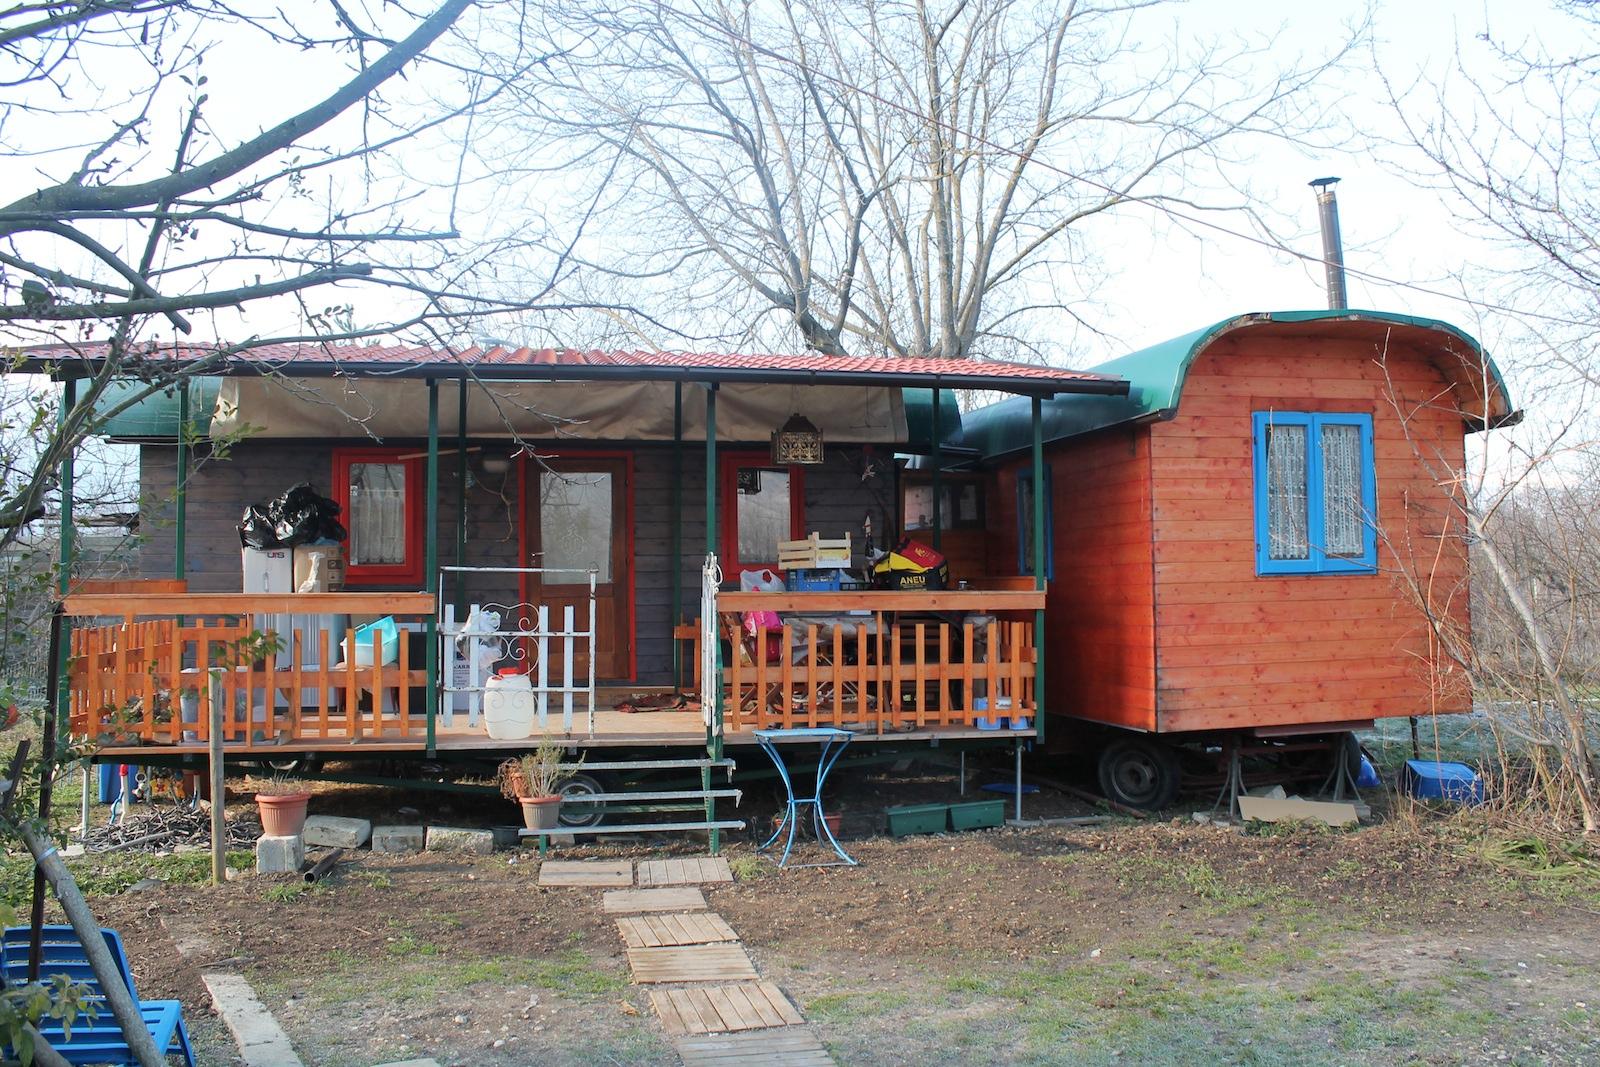 Semi d 39 avanguardia a sulmona vivere in una roulotte da circo viaggio nell 39 italia che cambia - Vivere in una casa di legno ...